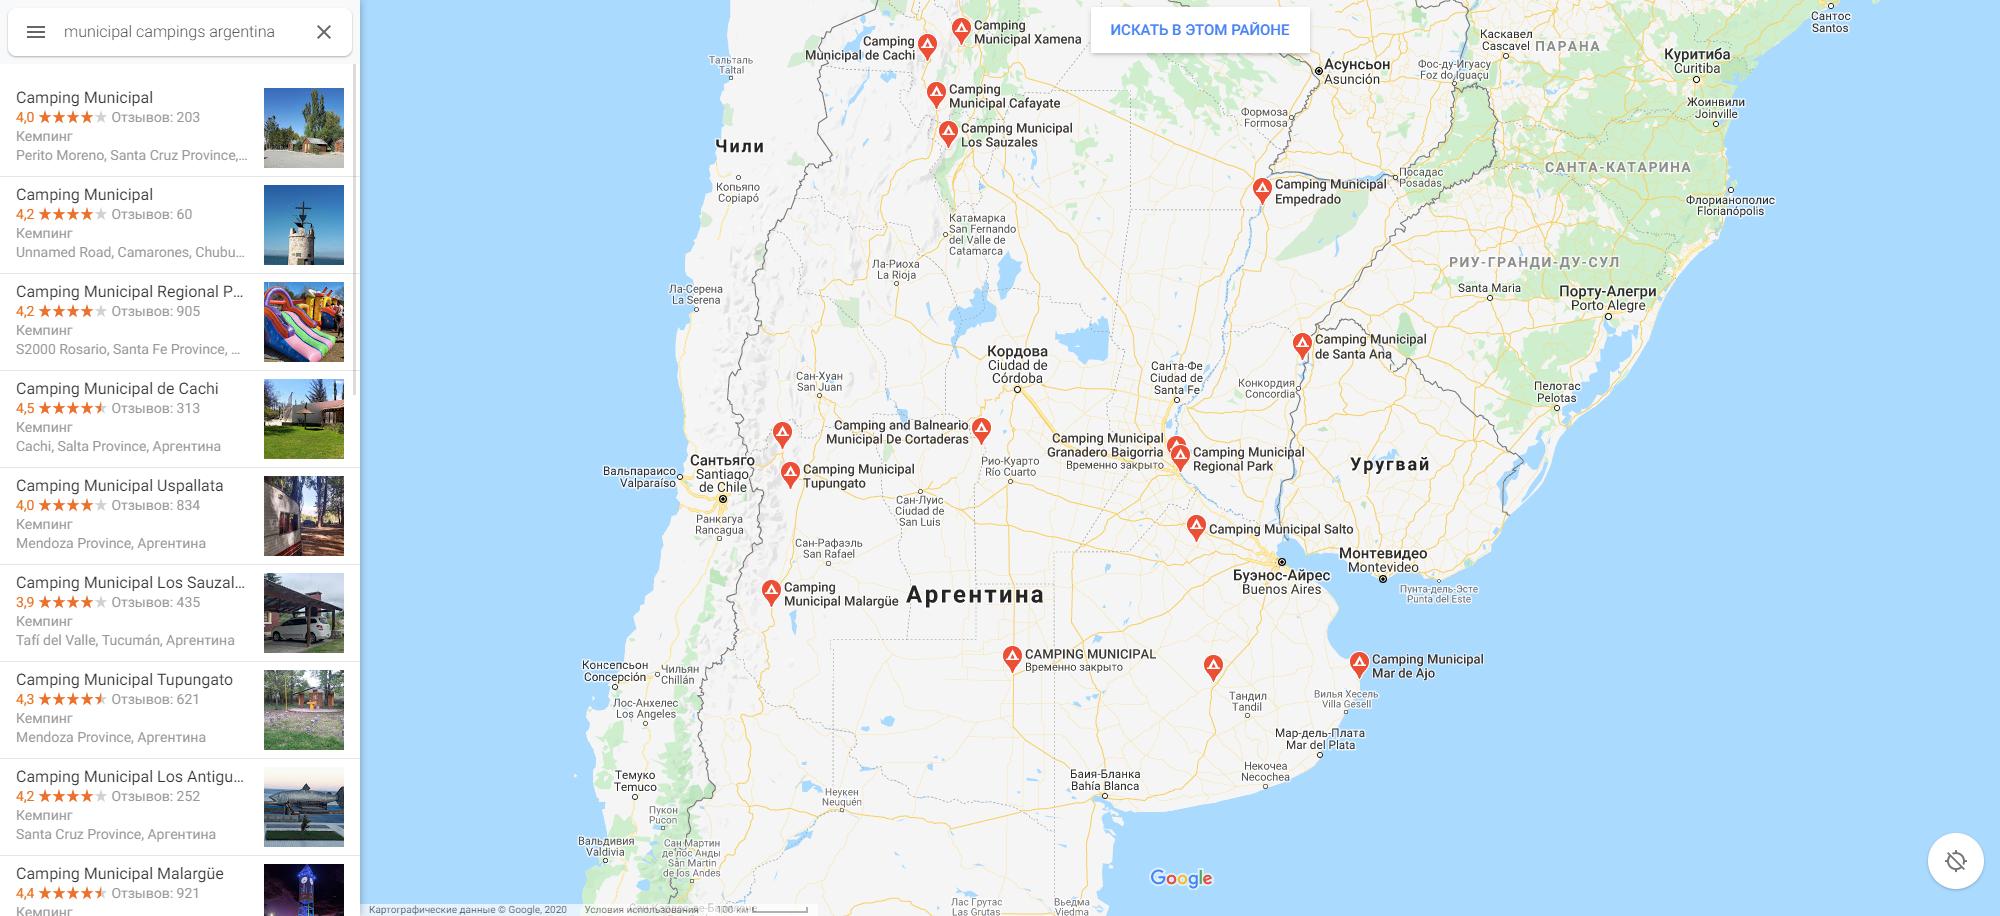 Муниципальные кемпинги в Аргентине на «Гугл-картах»